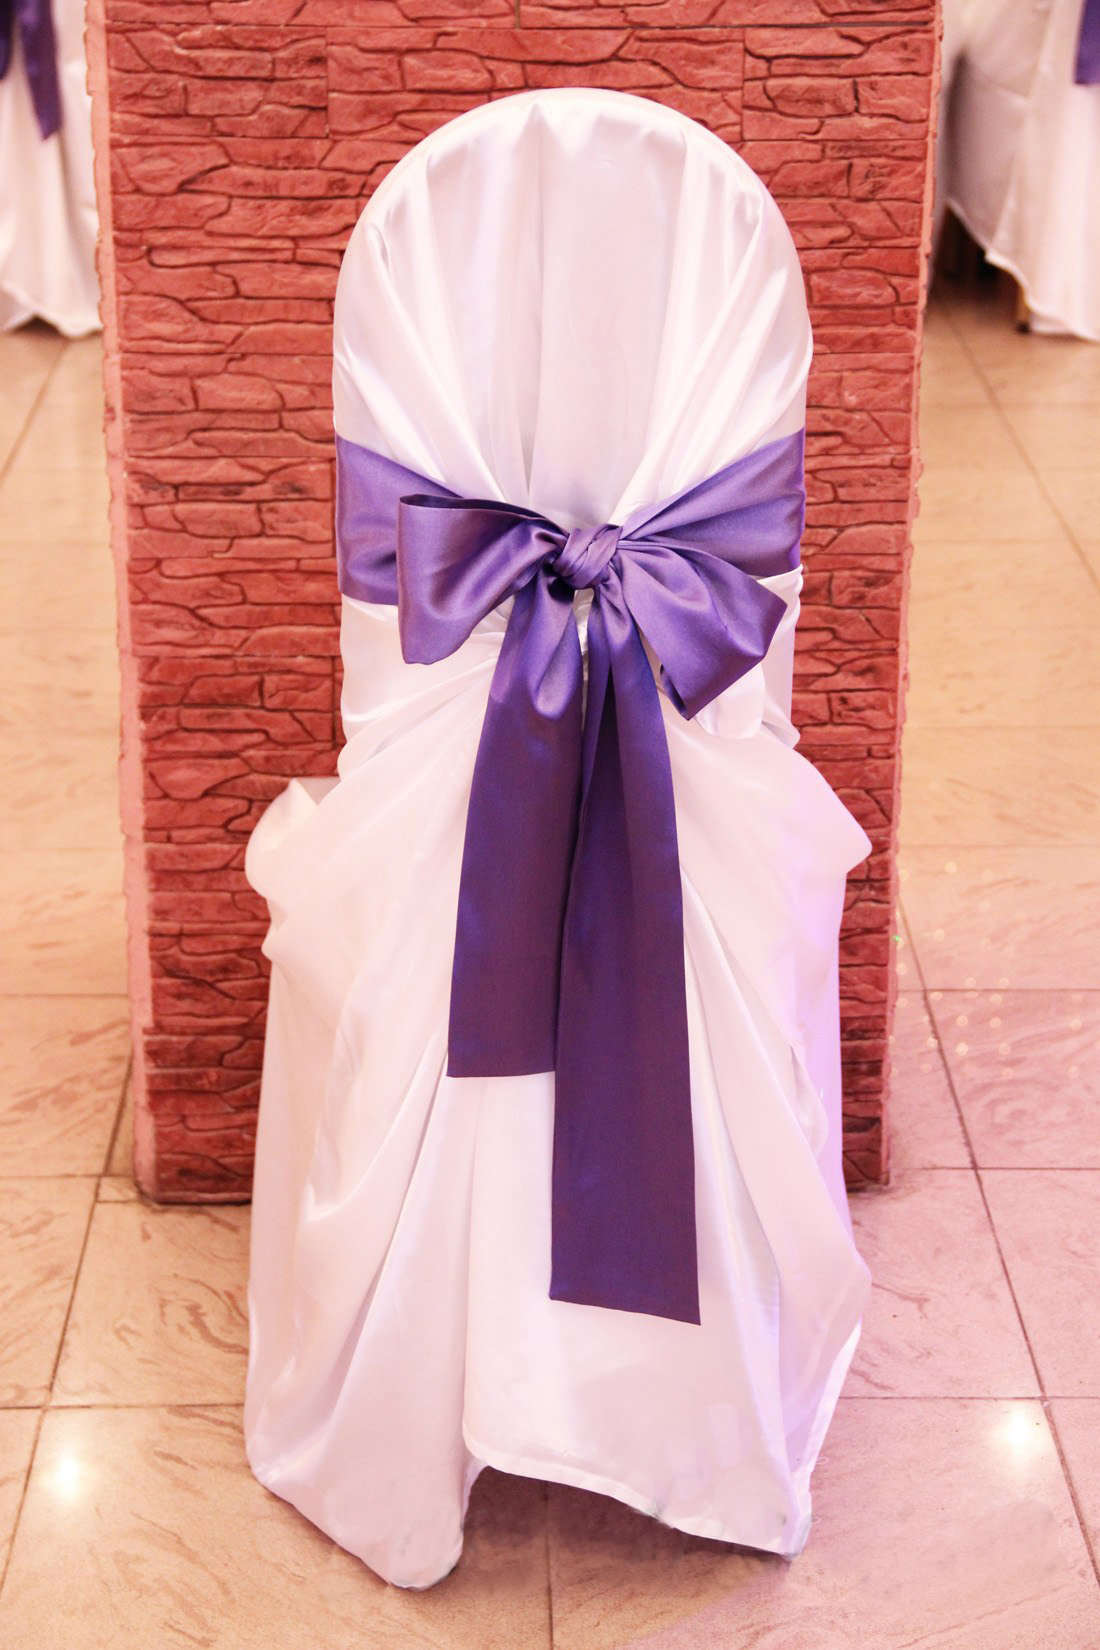 """банты на свадебные стулья красиво и ярко"""" - карточка пользователя kitka.soroka в Яндекс.Коллекциях"""